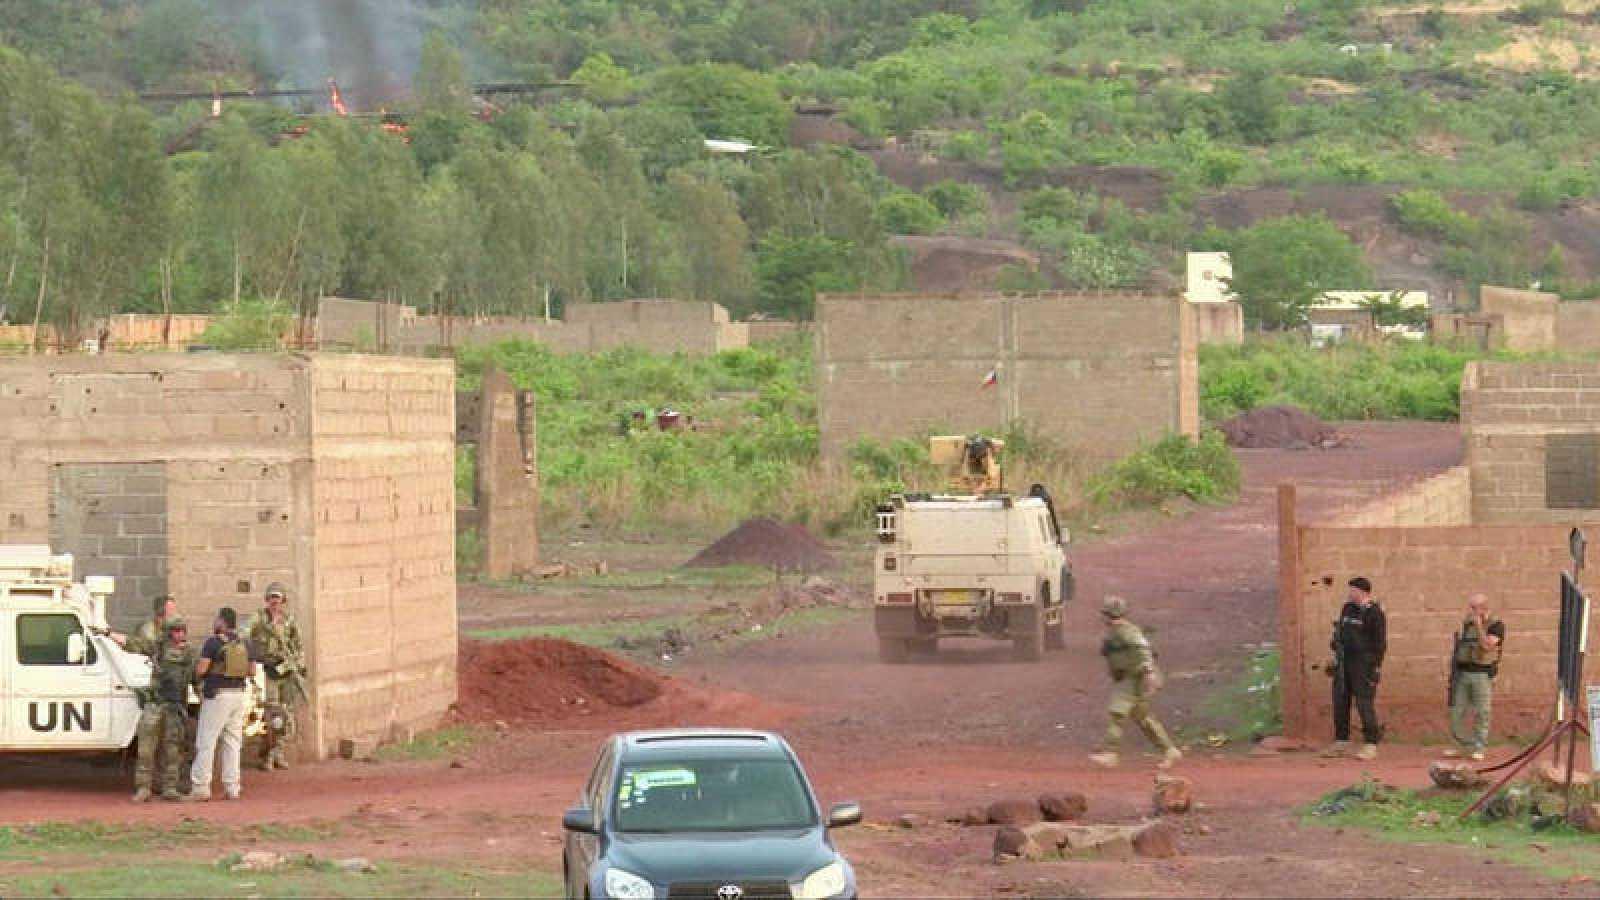 El campamento Kangaba resort, en el complejo Dougourakoro, tras la irrupción de varios hombres armados